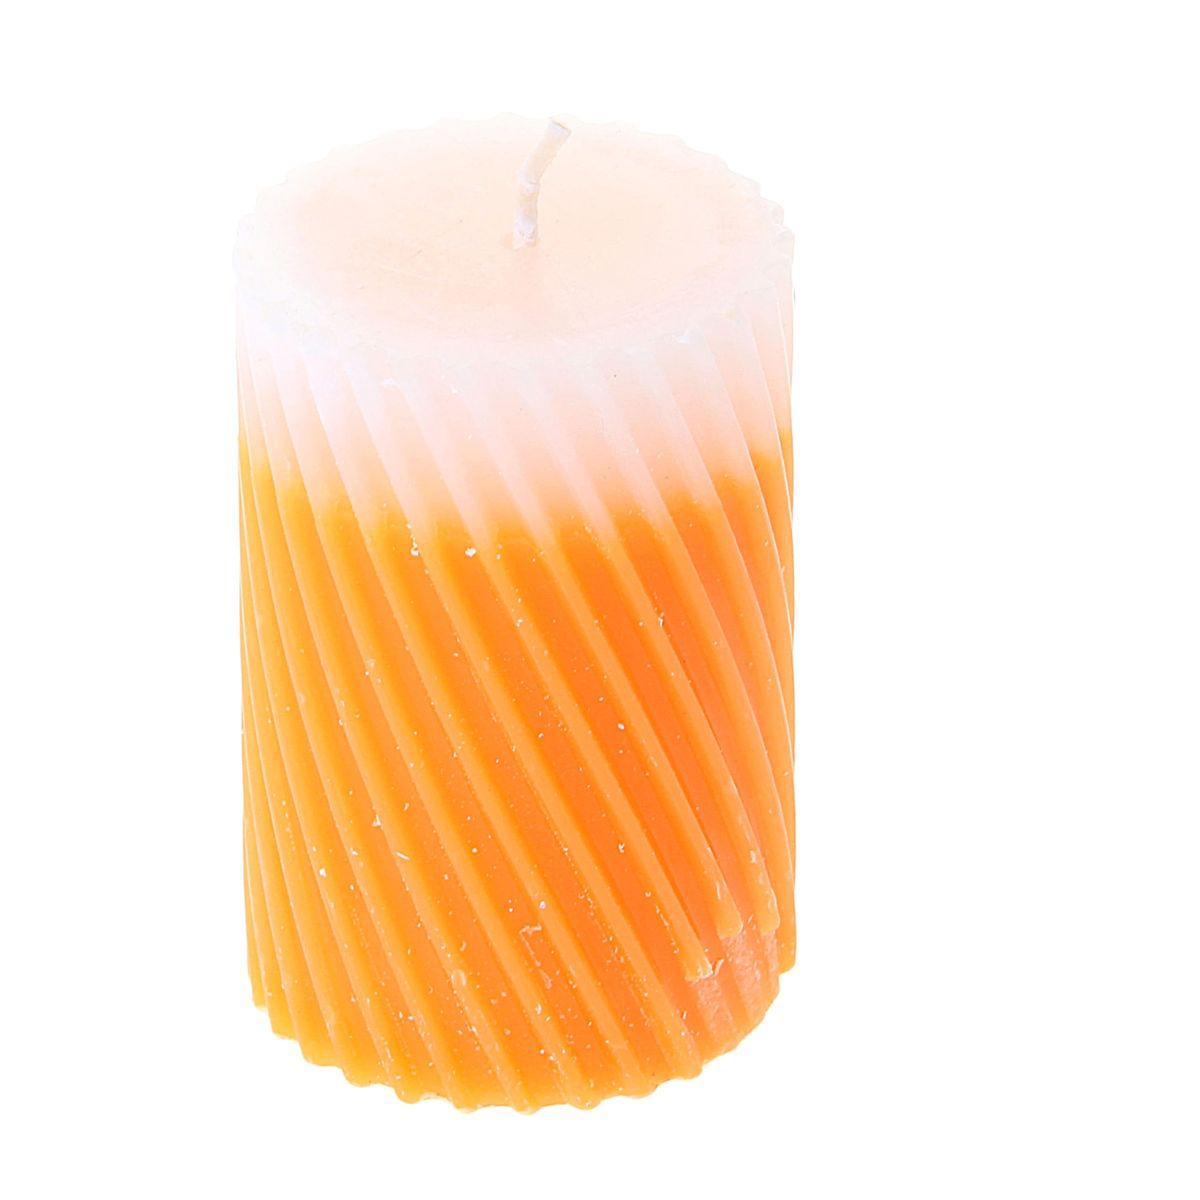 Свеча ароматизированная Sima-land Дыня, высота 7,5 см. 849534849534Свеча Sima-land Дыня выполнена из воска и оформлена резным рельефом. Свеча порадует ярким дизайном и сочным ароматом дыни, который понравится как женщинам, так и мужчинам. Создайте для себя и своих близких незабываемую атмосферу праздника в доме. Ароматическая свеча Sima-land Дыня раскрасит серые будни яркими красками.